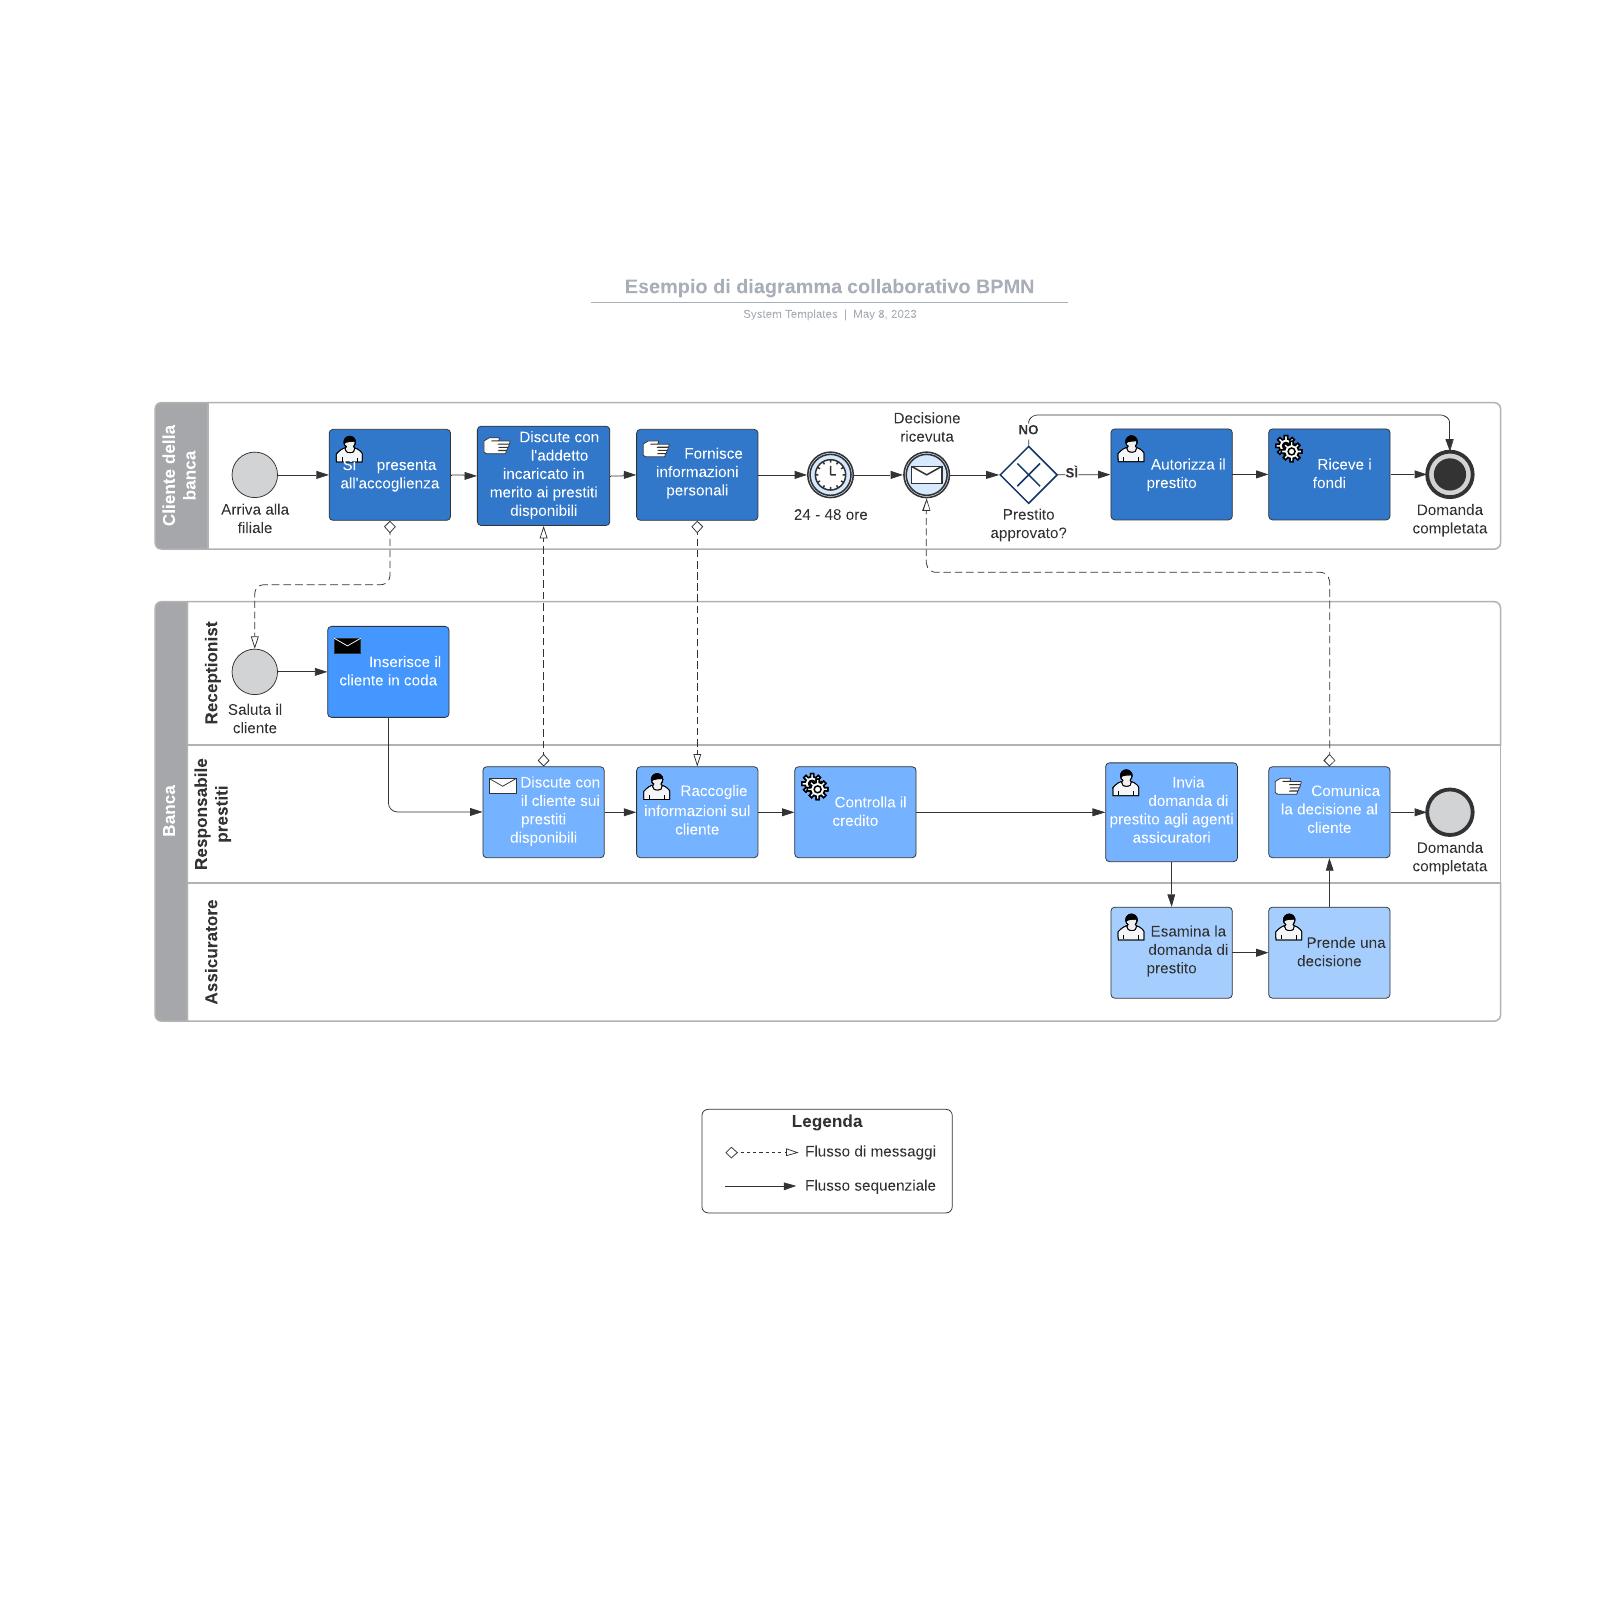 Esempio di diagramma collaborativo BPMN